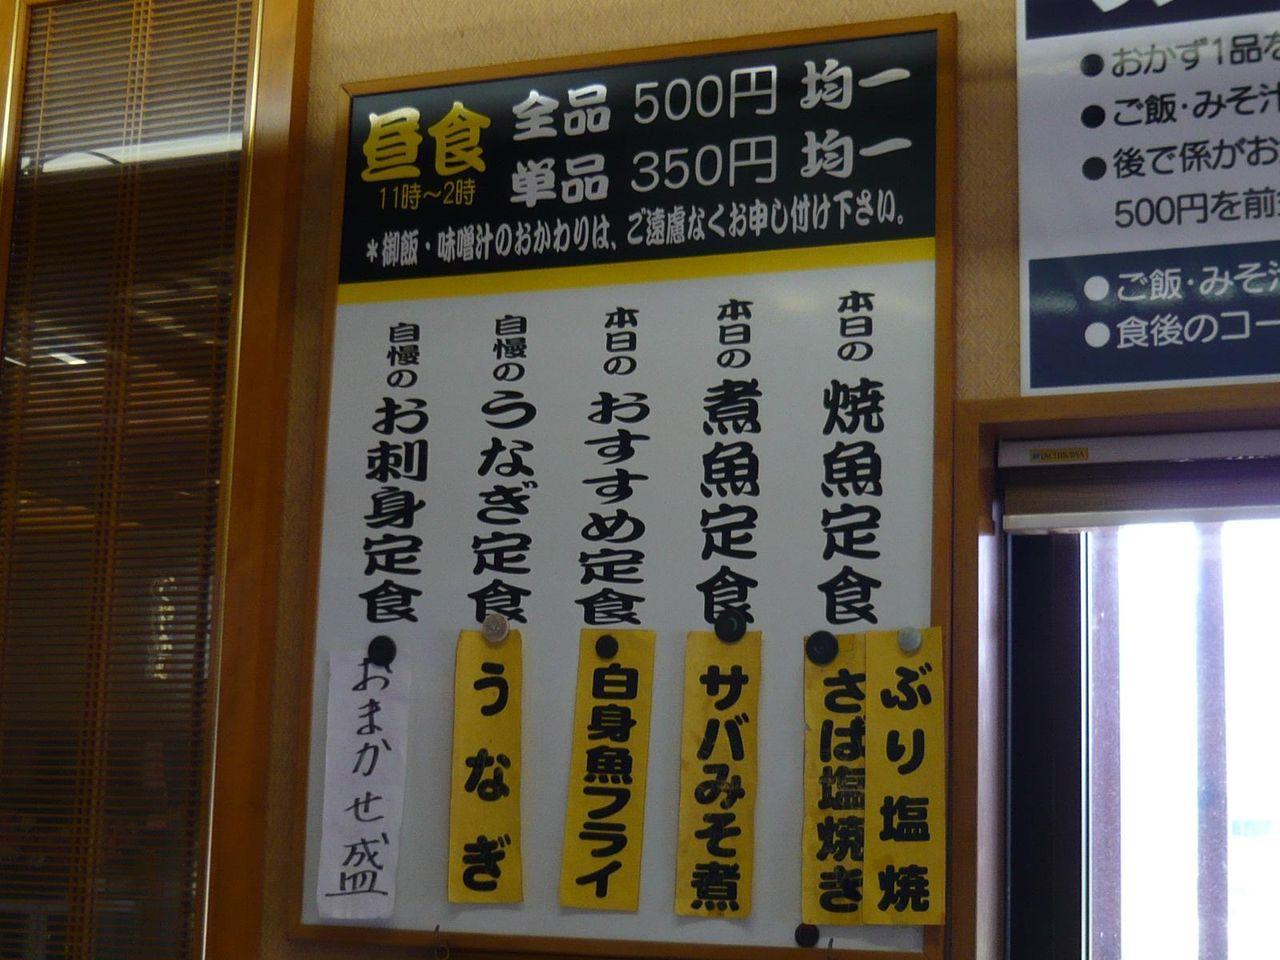 ランチ定食500円は、ご飯、味噌汁のおかわり無料!